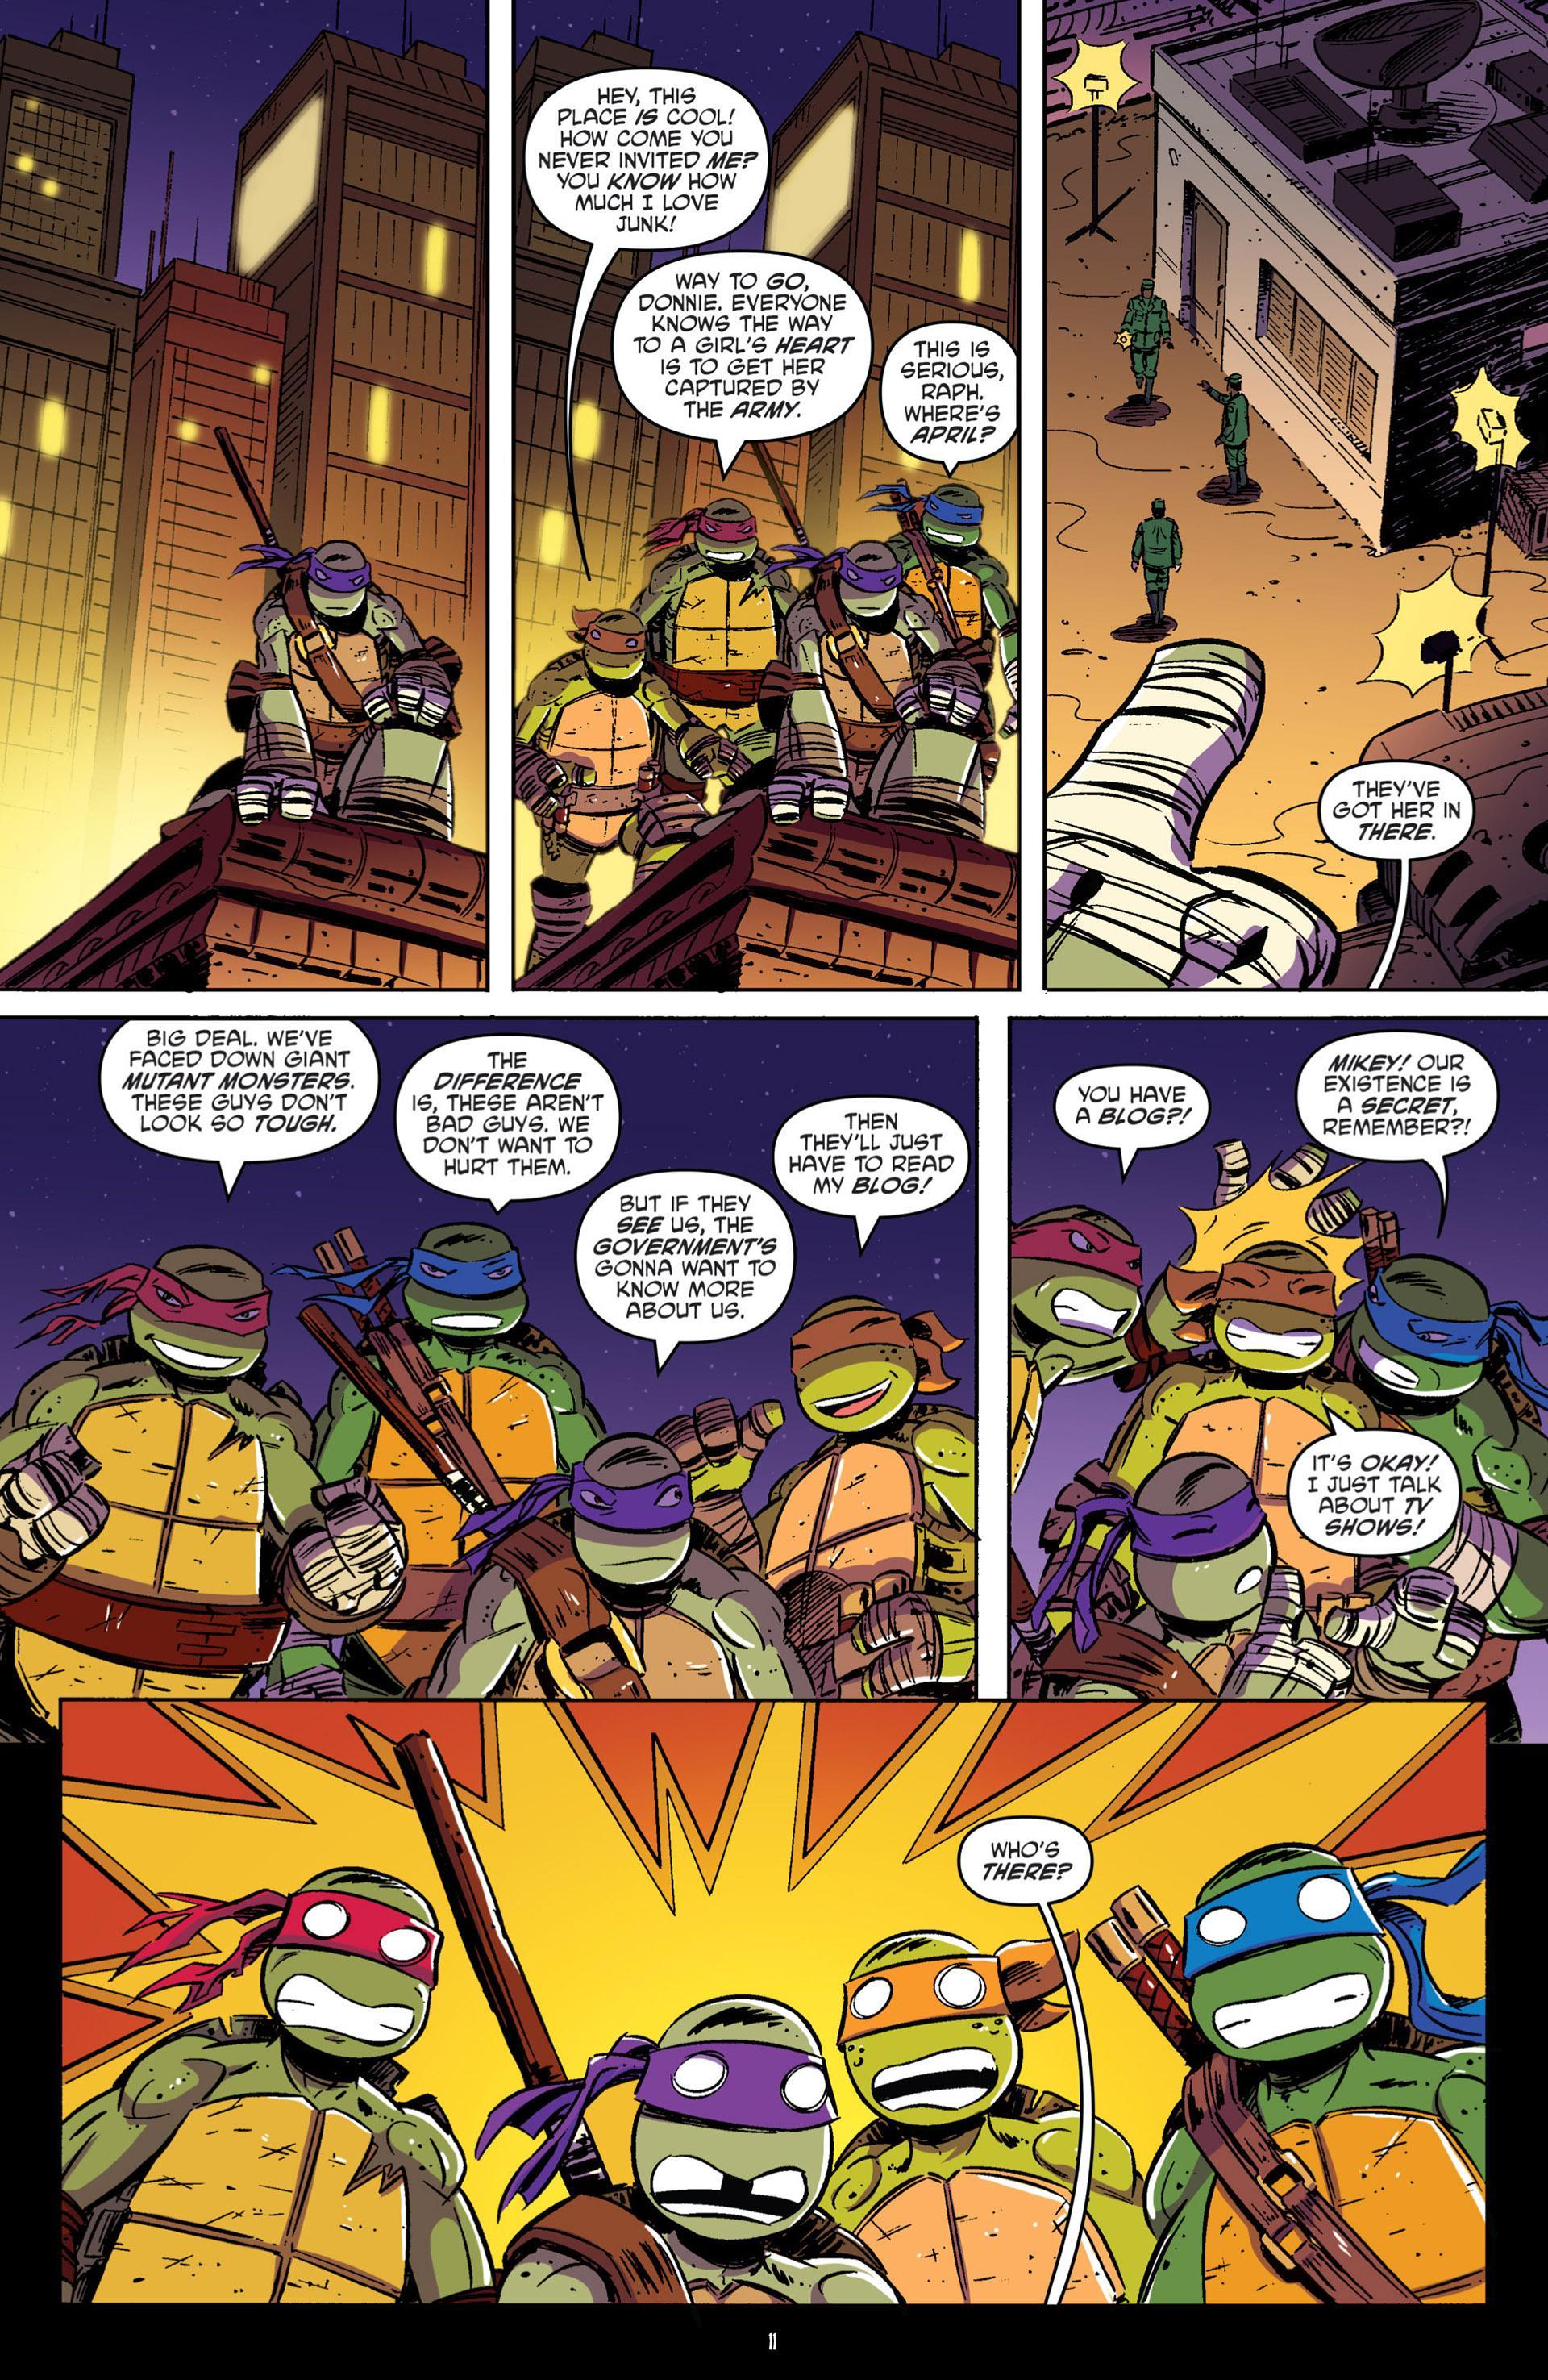 Teenage Mutant Ninja Turtles - New Animated Adventures v1 review